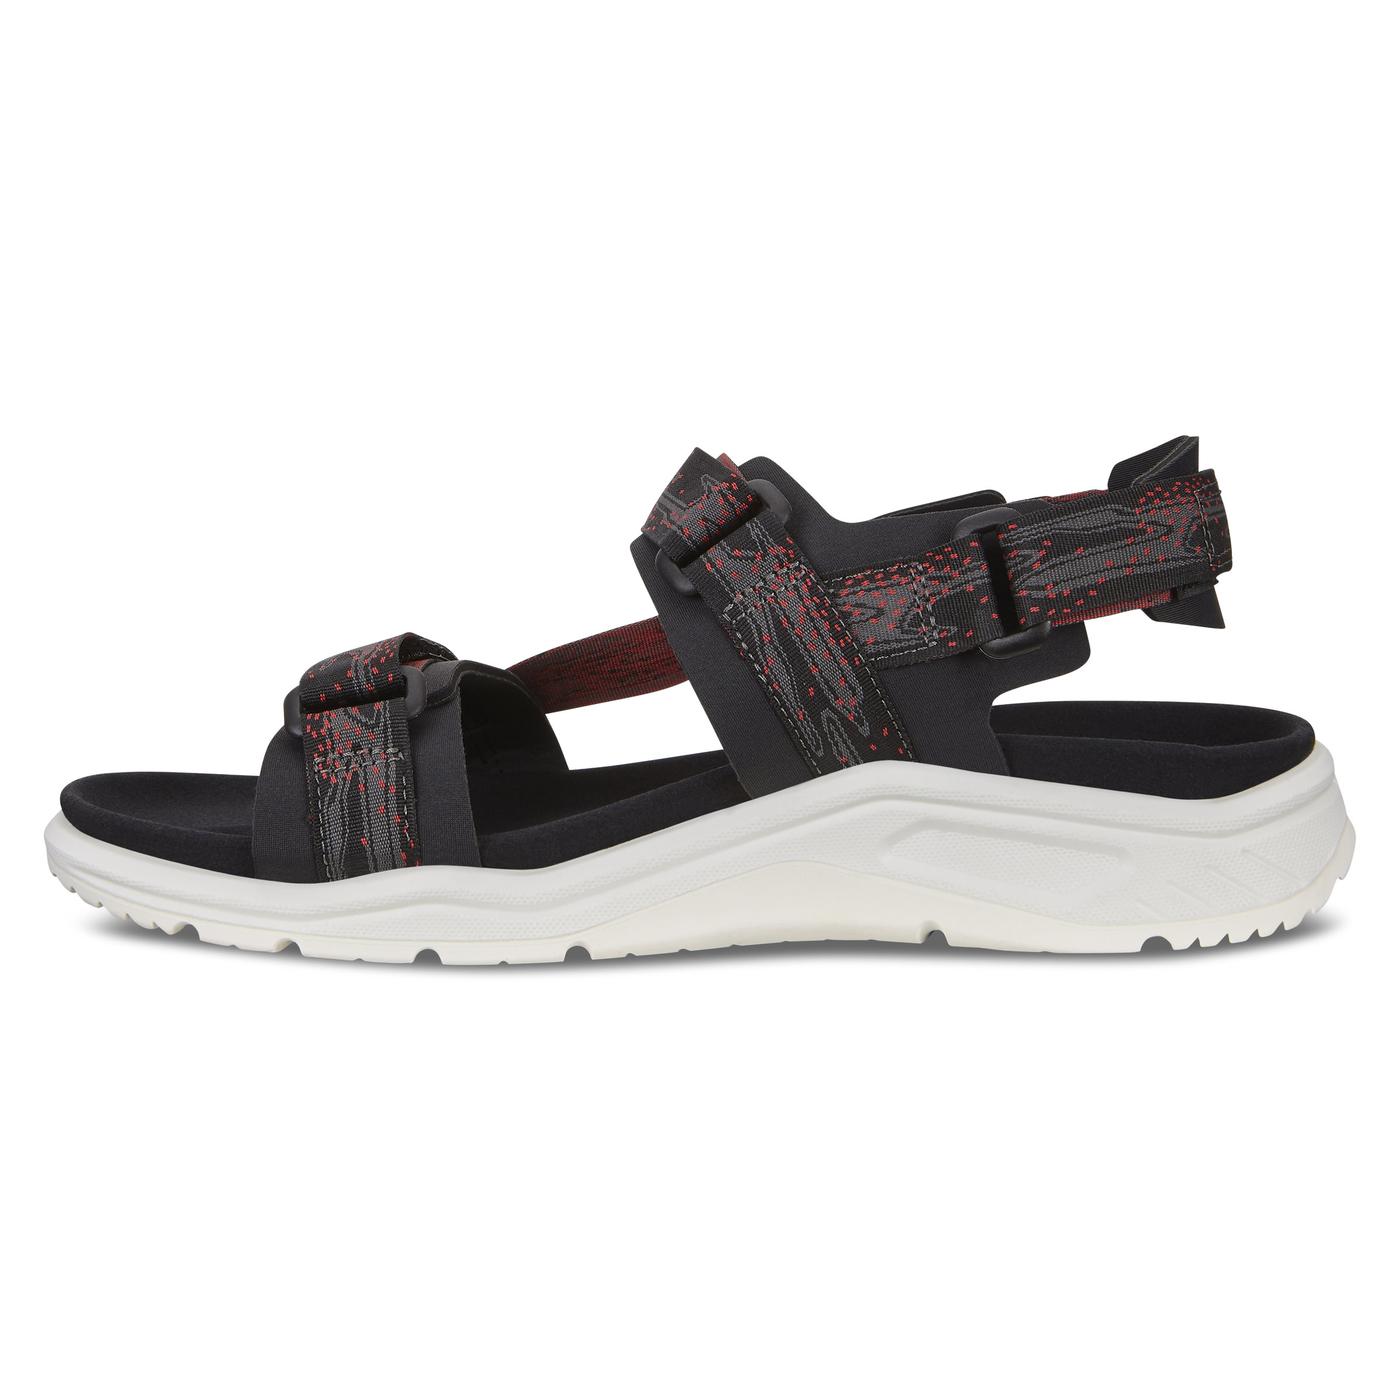 ECCO X-TRINSIC Womens Flat Sandal Textile Strap